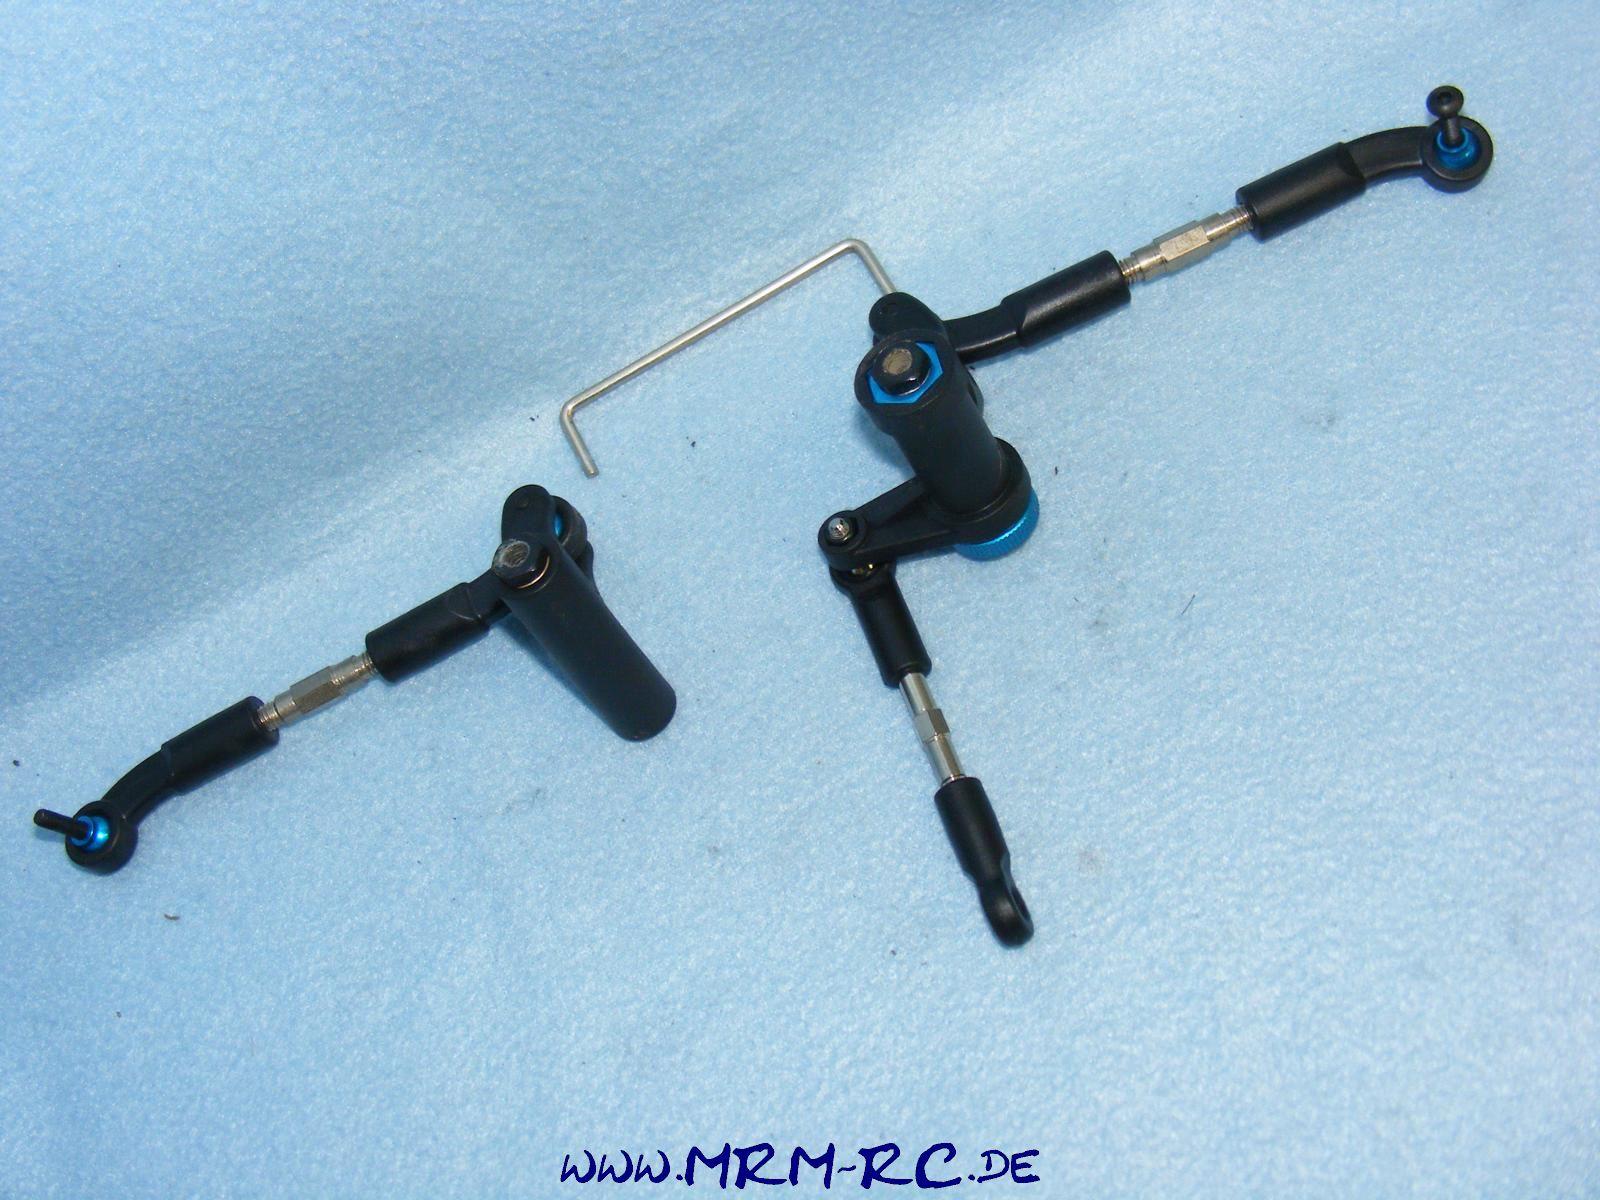 Carson Dirt Attack 500405239 Lenkung Steering mount/servosaver Lenkmechanik